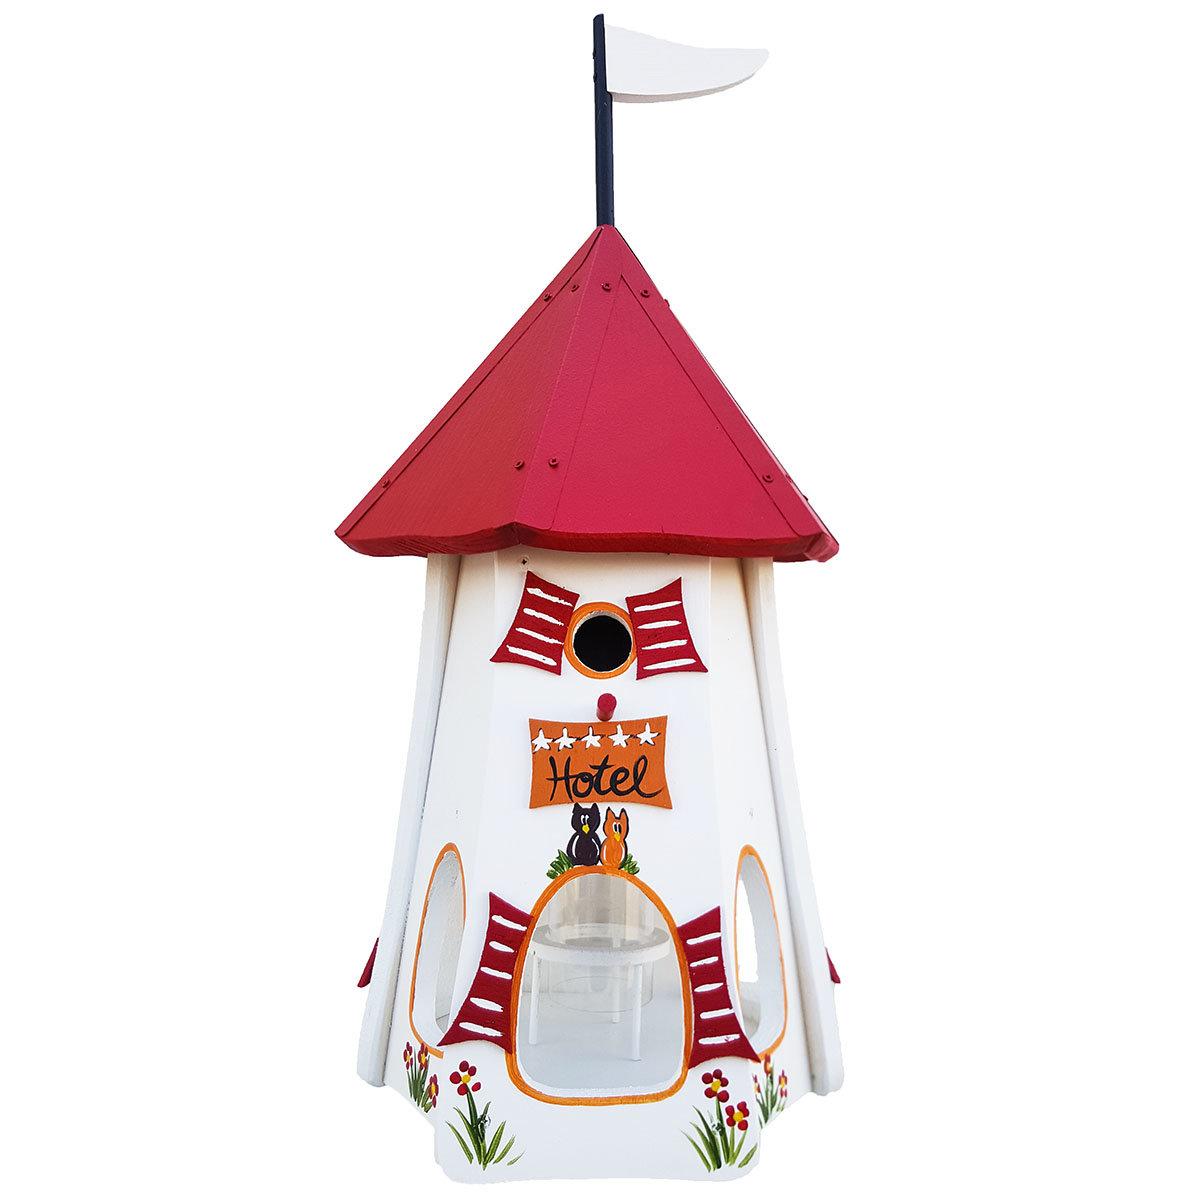 Nistkasten mit Vogelhaus Turmhotel  Zur Eule